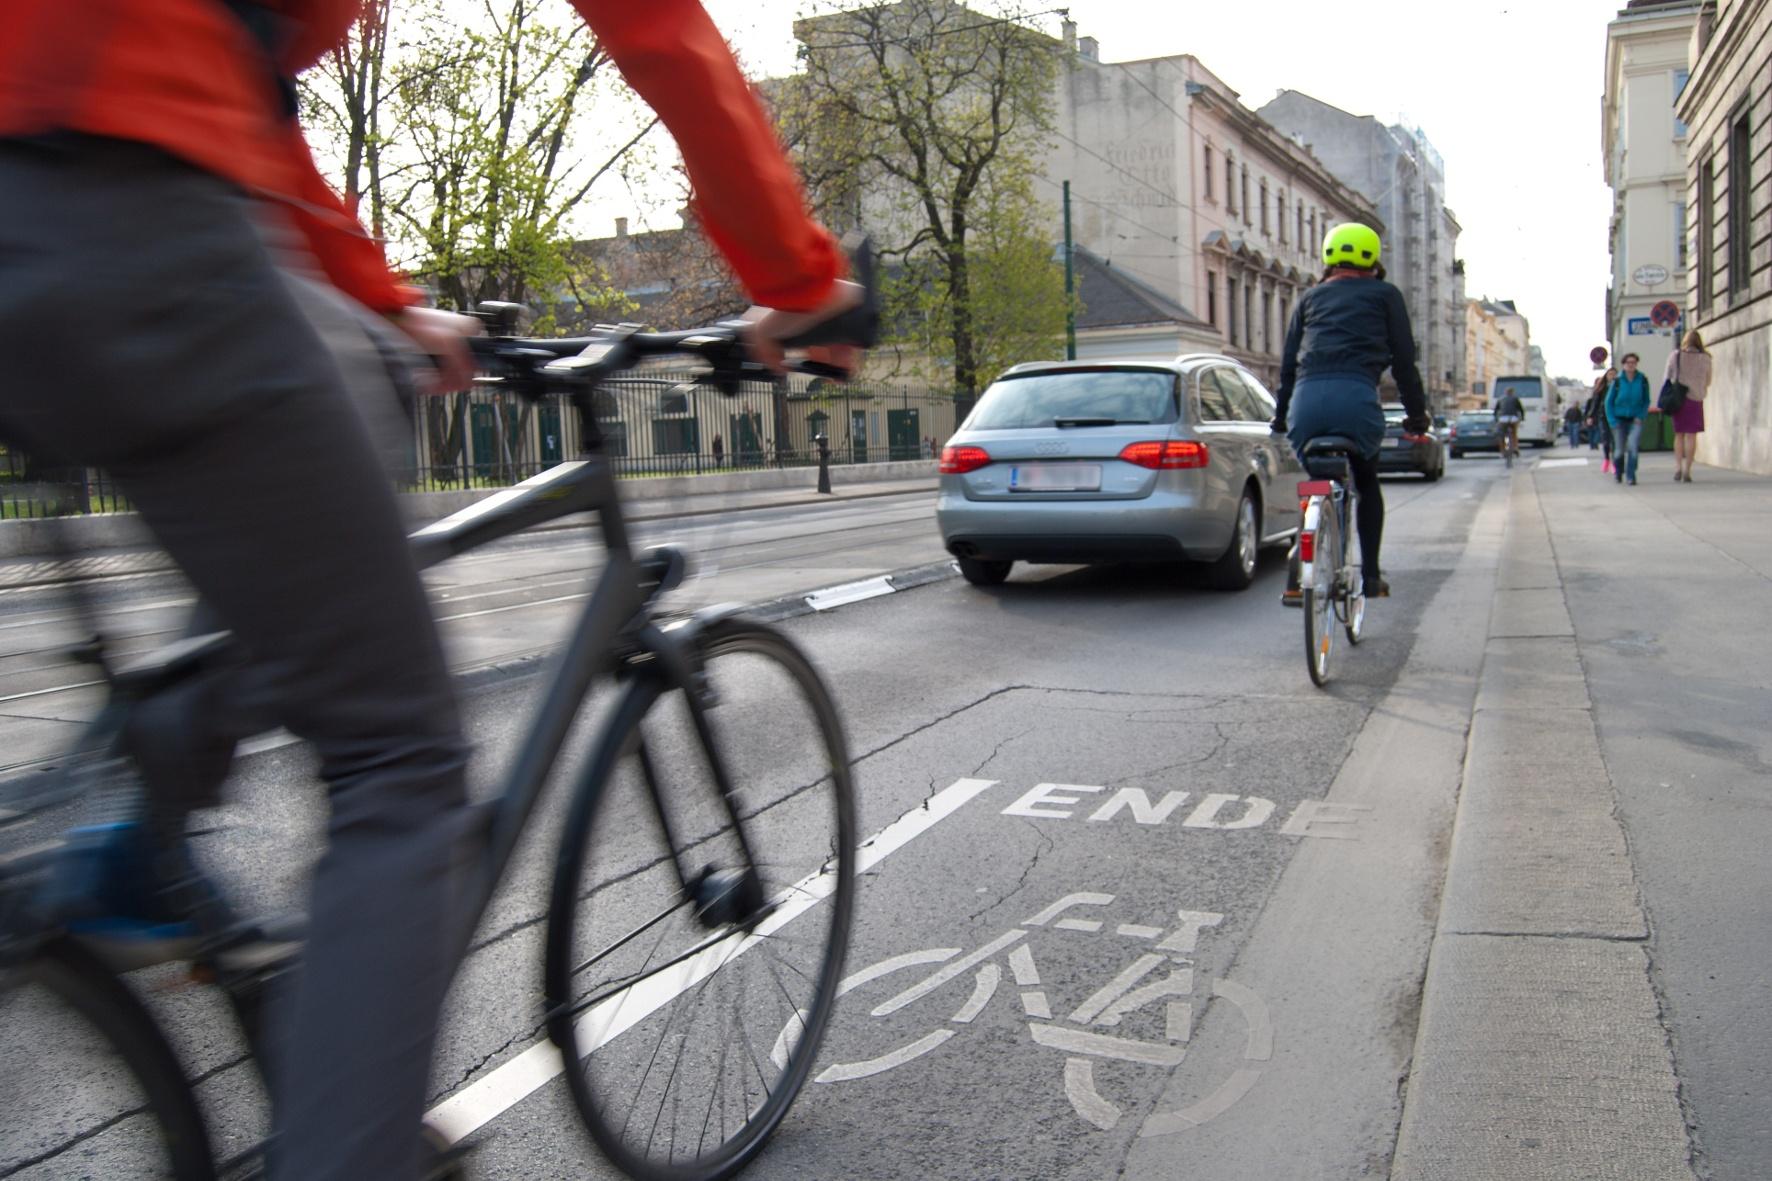 Jeder zweite Radfahrer offenbart eklatante Wissenslücken bei den Verkehrsregeln